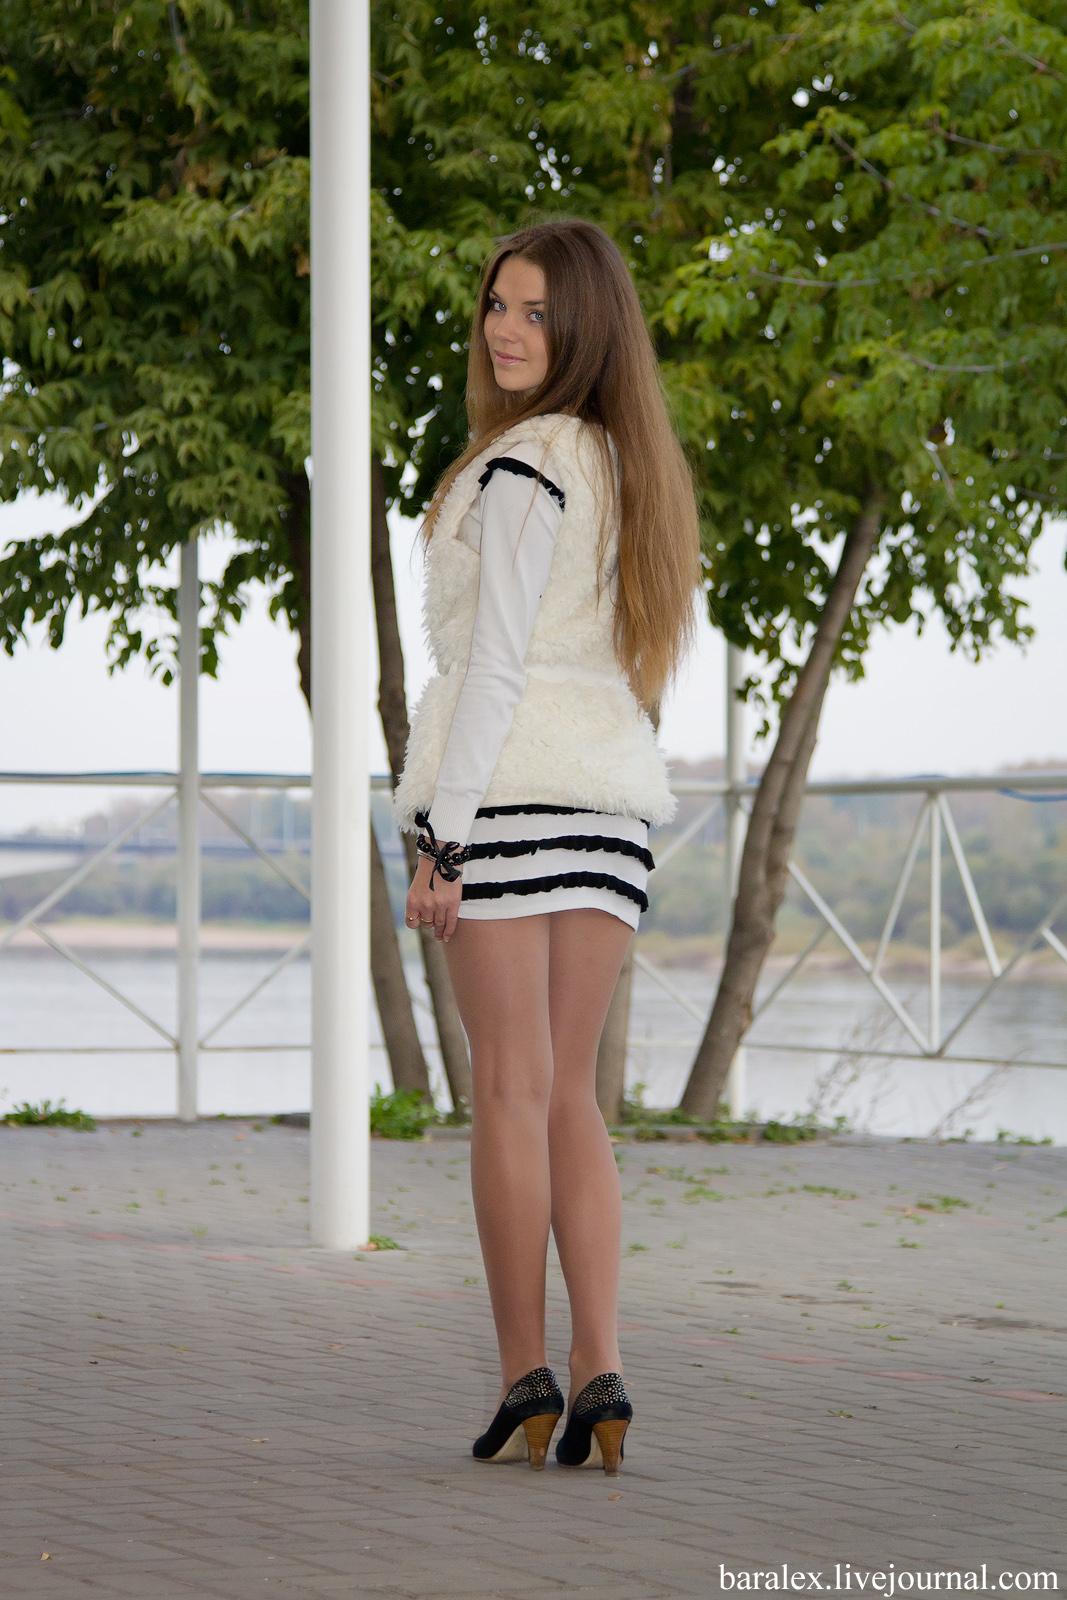 Фото девушки на улице в колготках 1 фотография